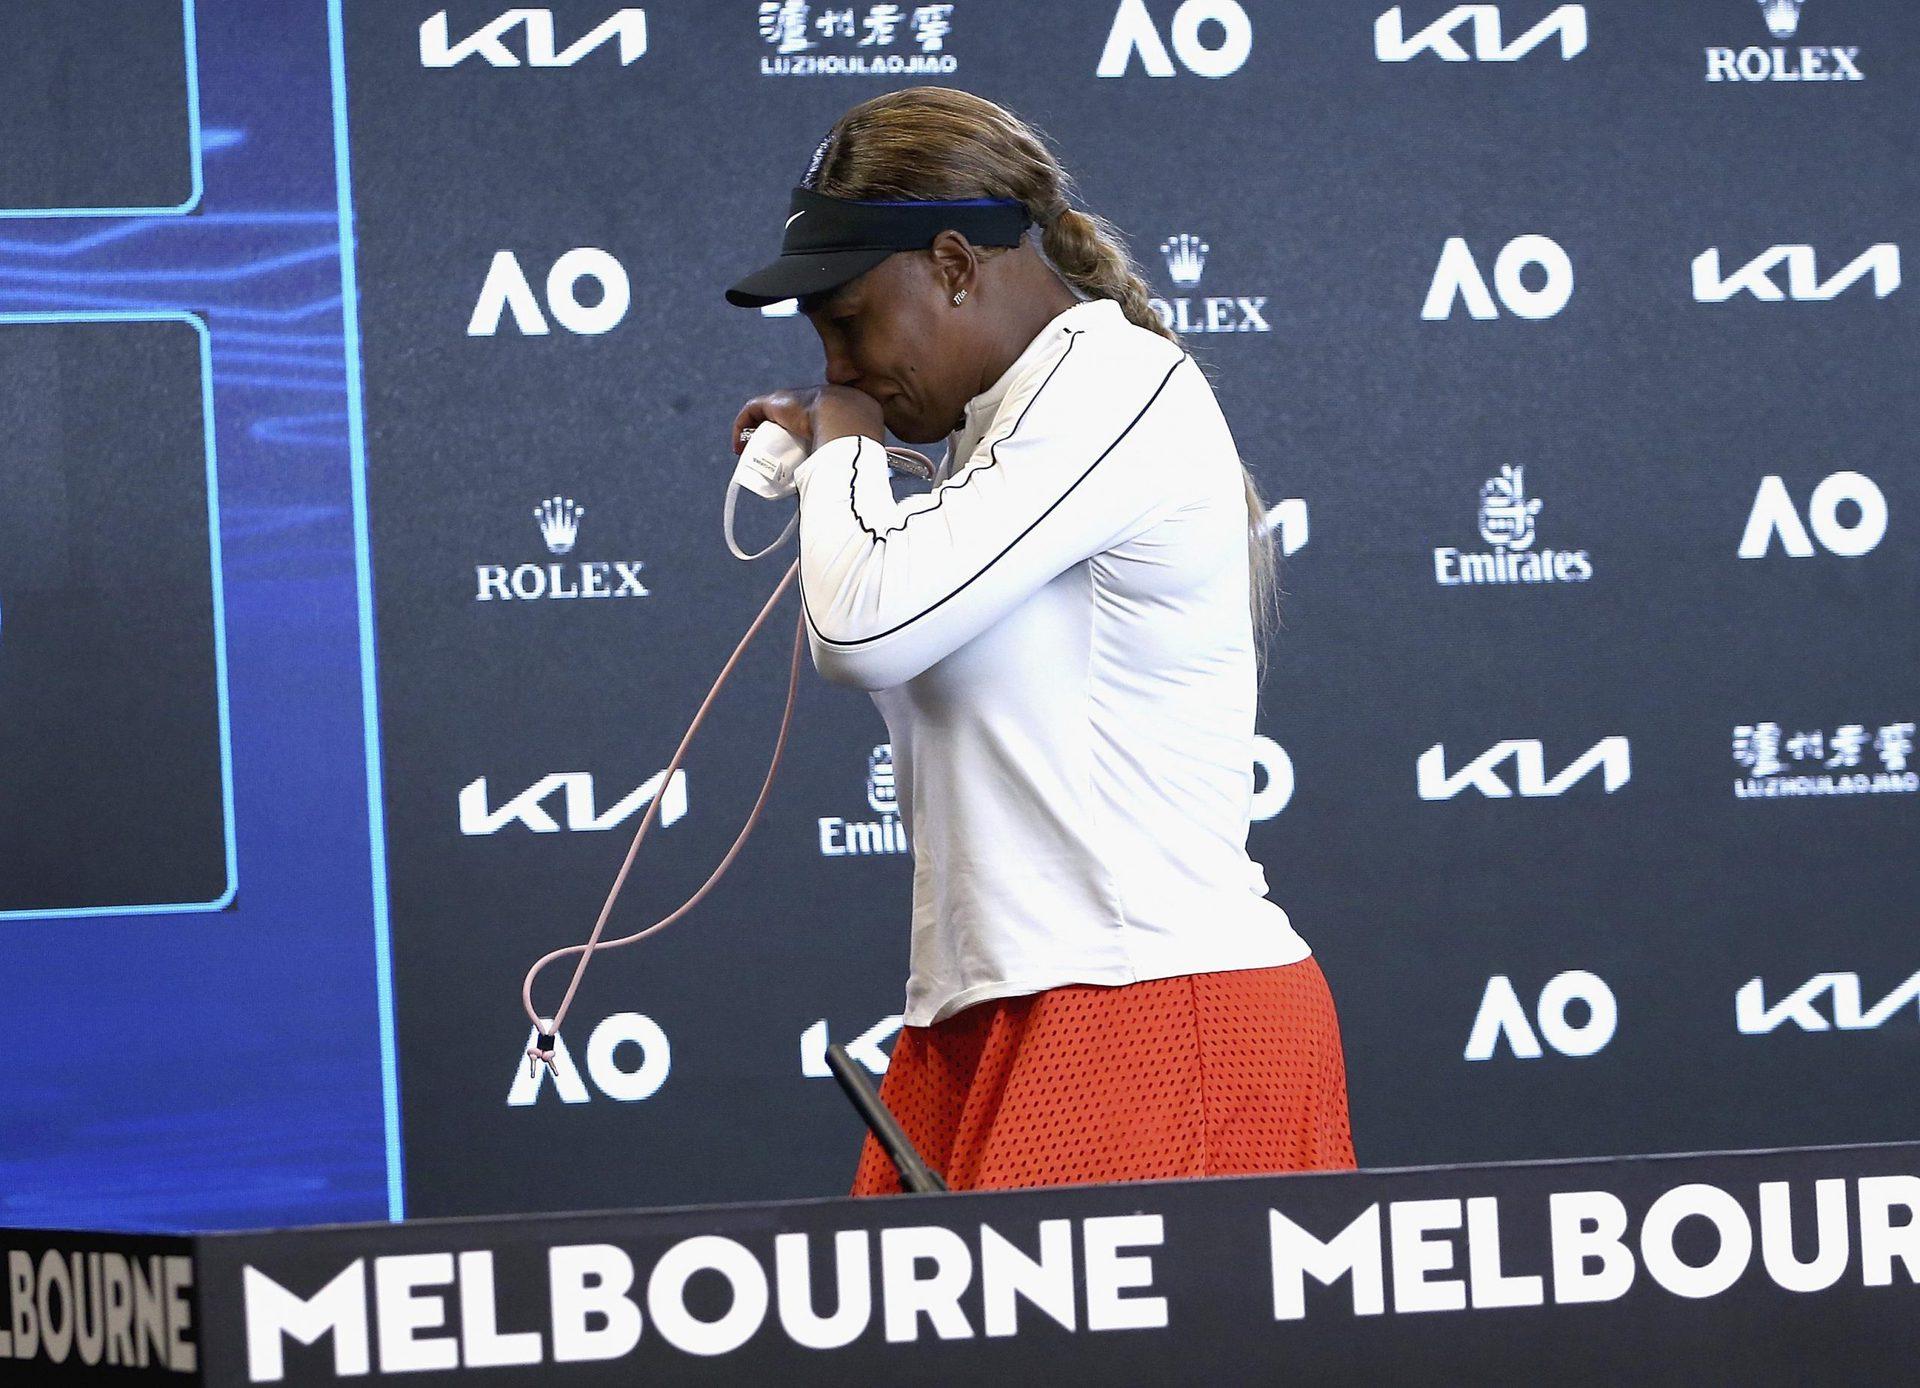 Wieder gescheitert: Williams verabschiedet sich mit Tränen Australian Open